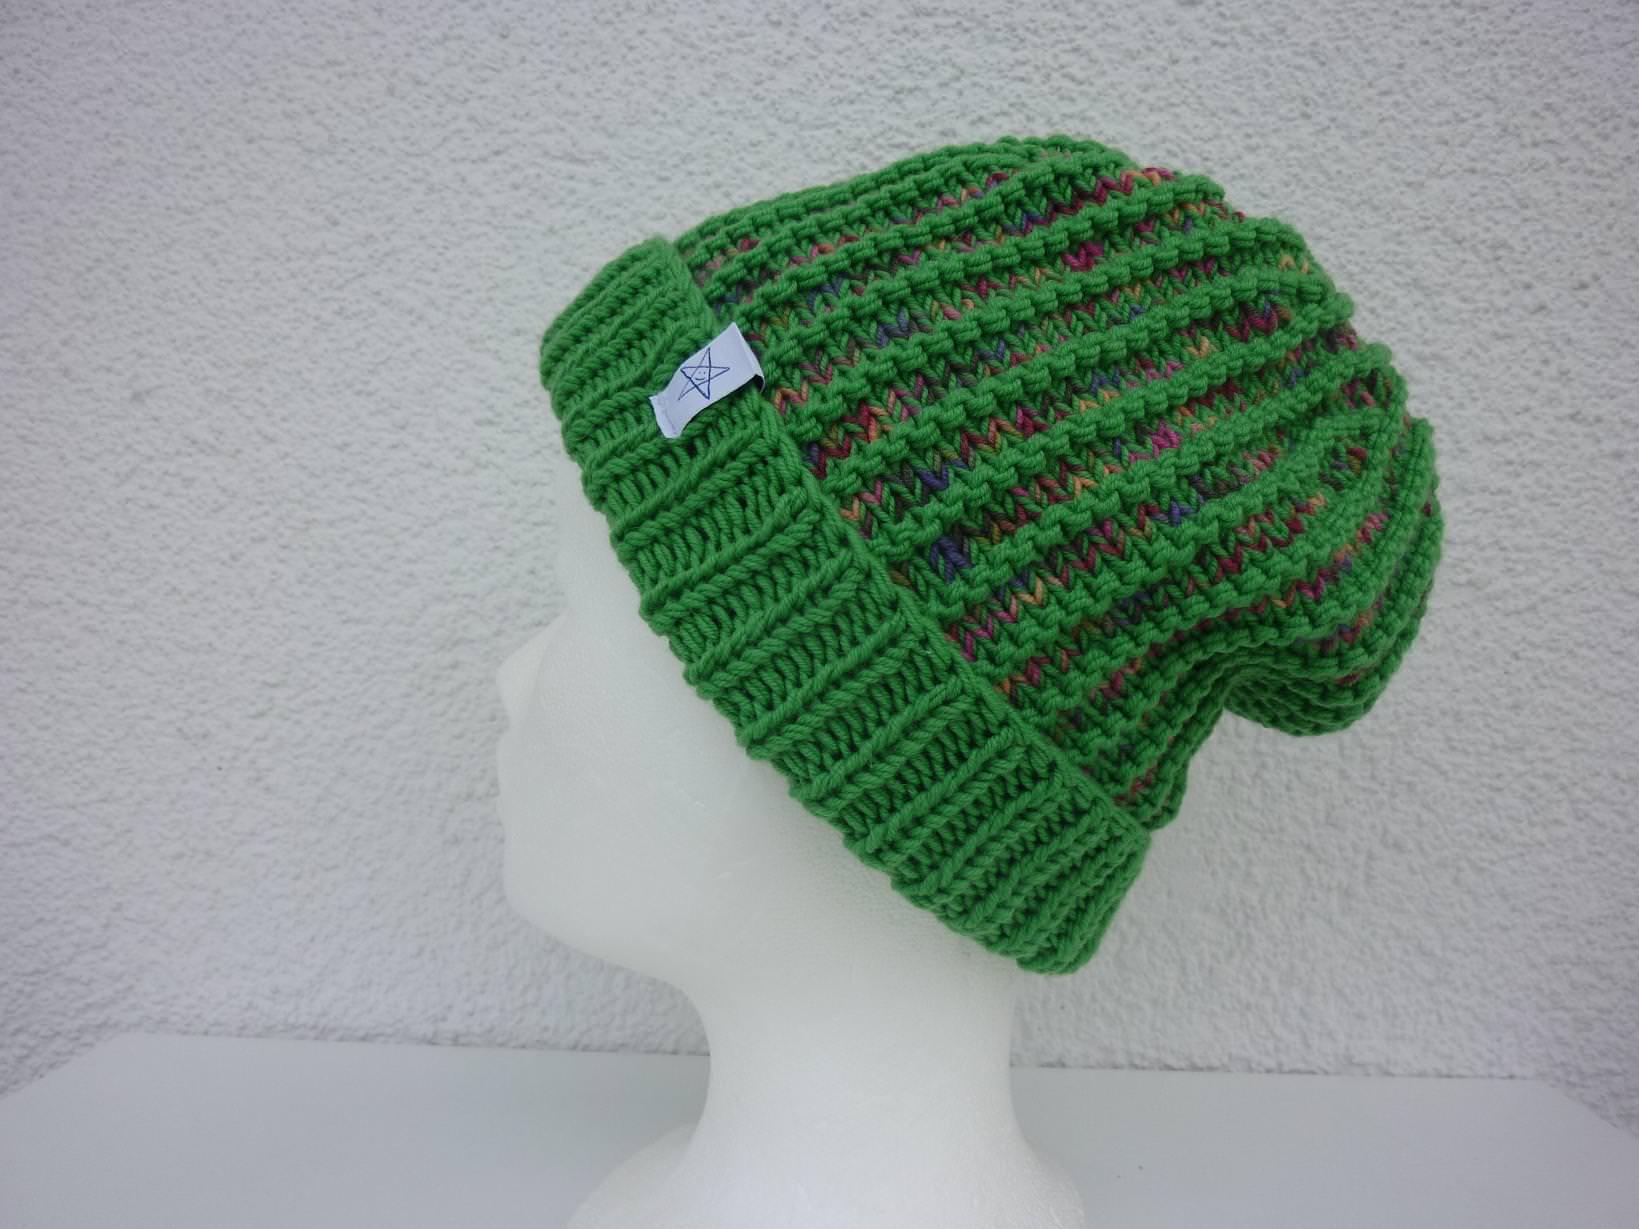 - Strickmütze mit Umschlag in Grün und Bunt aus Schurwolle handgestrickt - Strickmütze mit Umschlag in Grün und Bunt aus Schurwolle handgestrickt